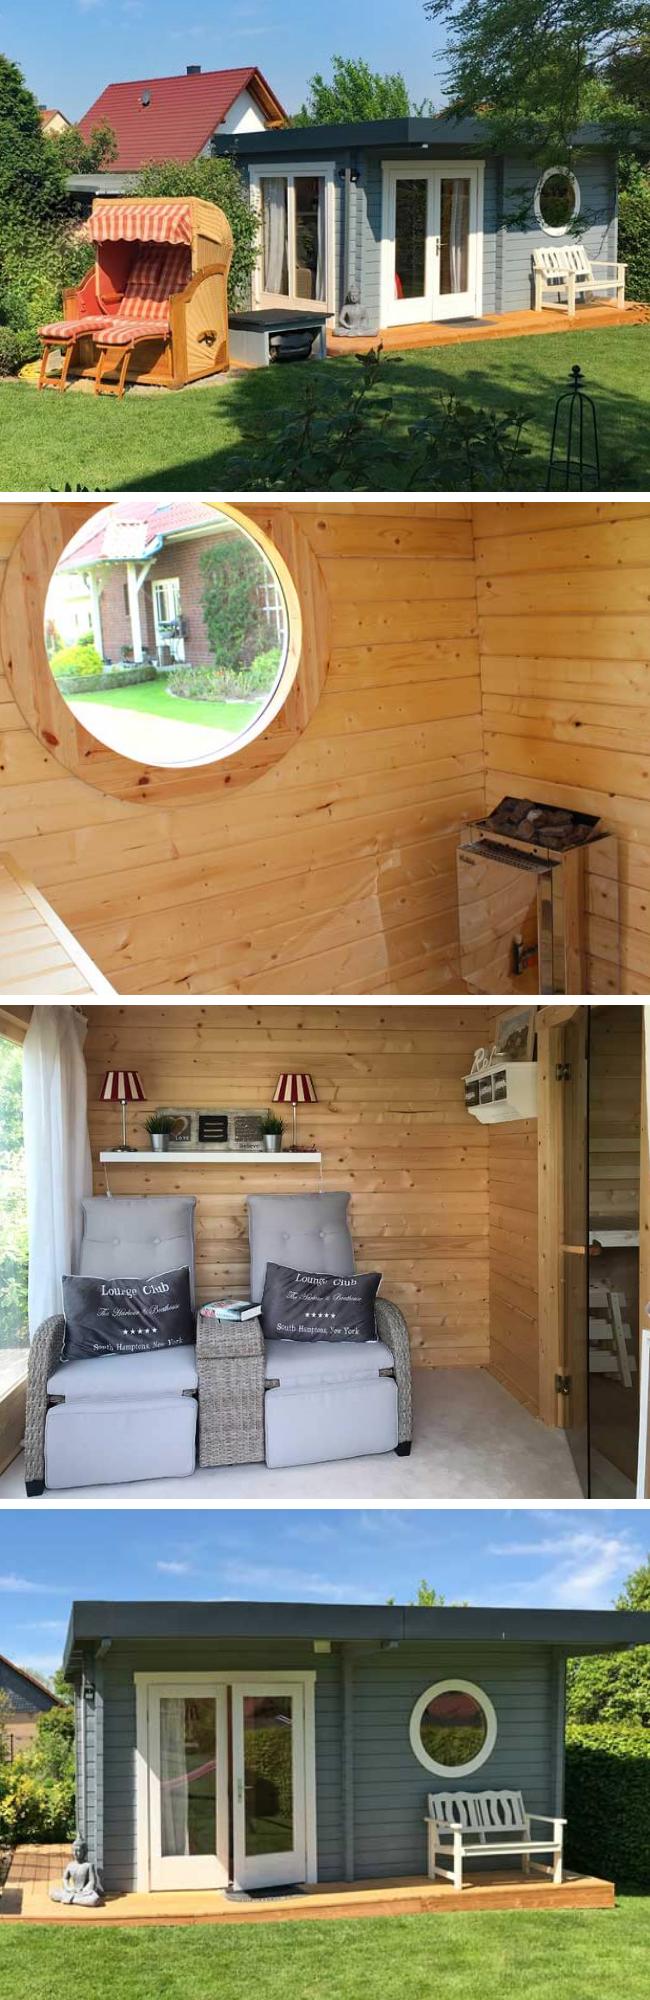 Saunahaus Mit Bullauge Schnell Aufgebaut Schick Eingerichtet Saunahaus Sauna Im Garten Sauna Selbst Bauen